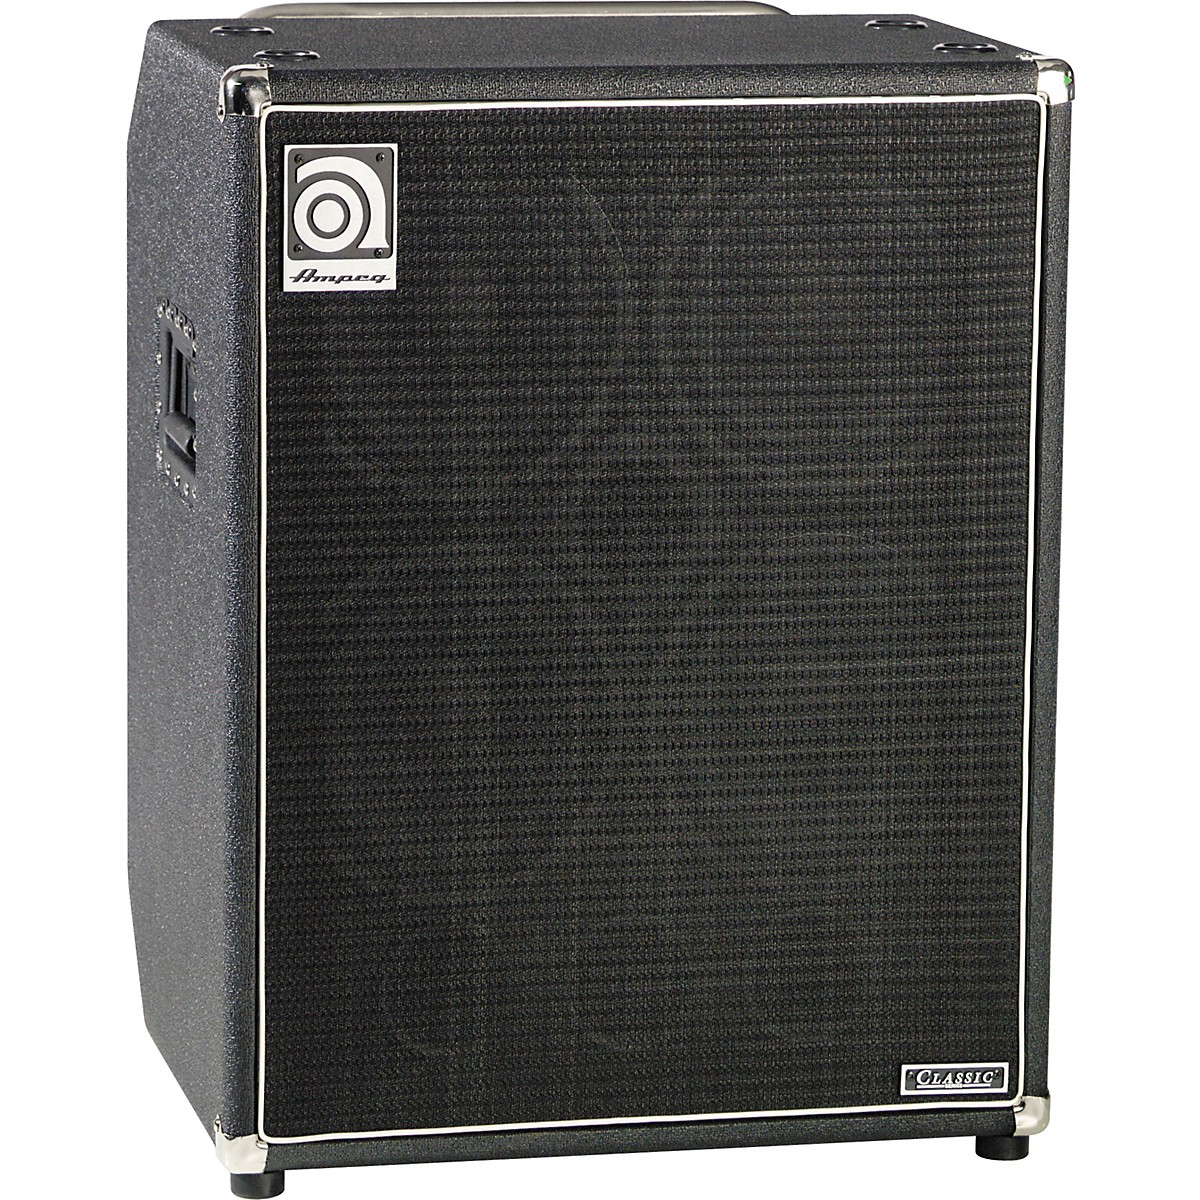 Ampeg SVT-410HLF Classic Series Bass Cabinet